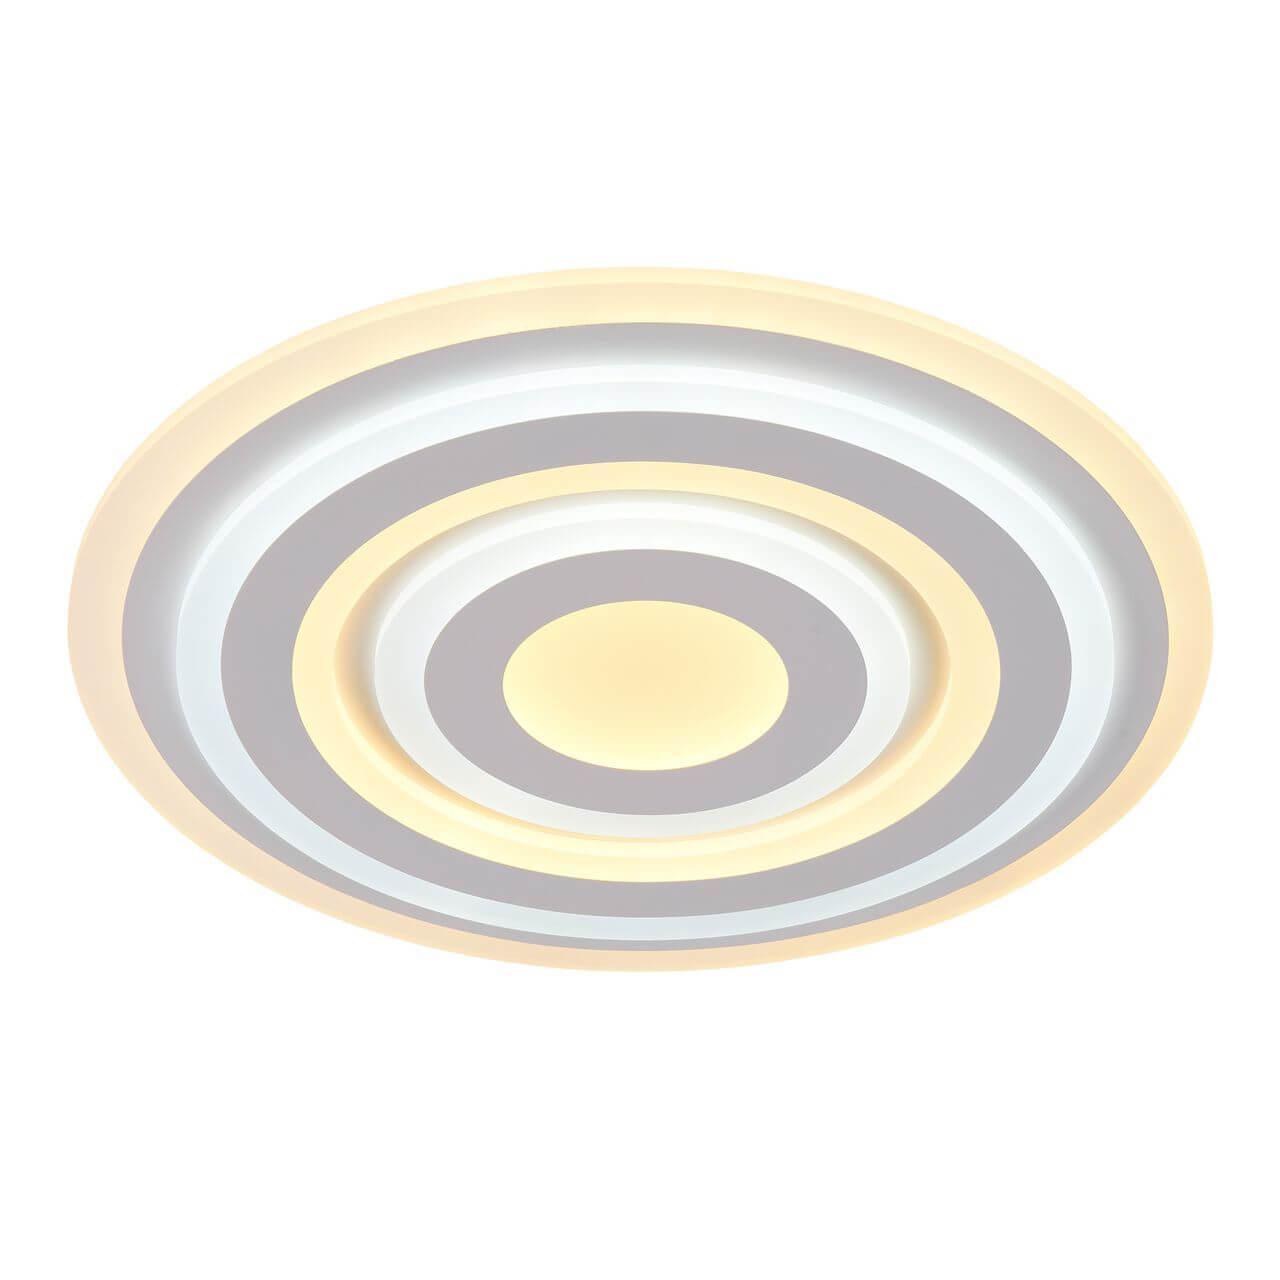 Потолочный светильник Omnilux OML-06407-120, LED, 120 Вт